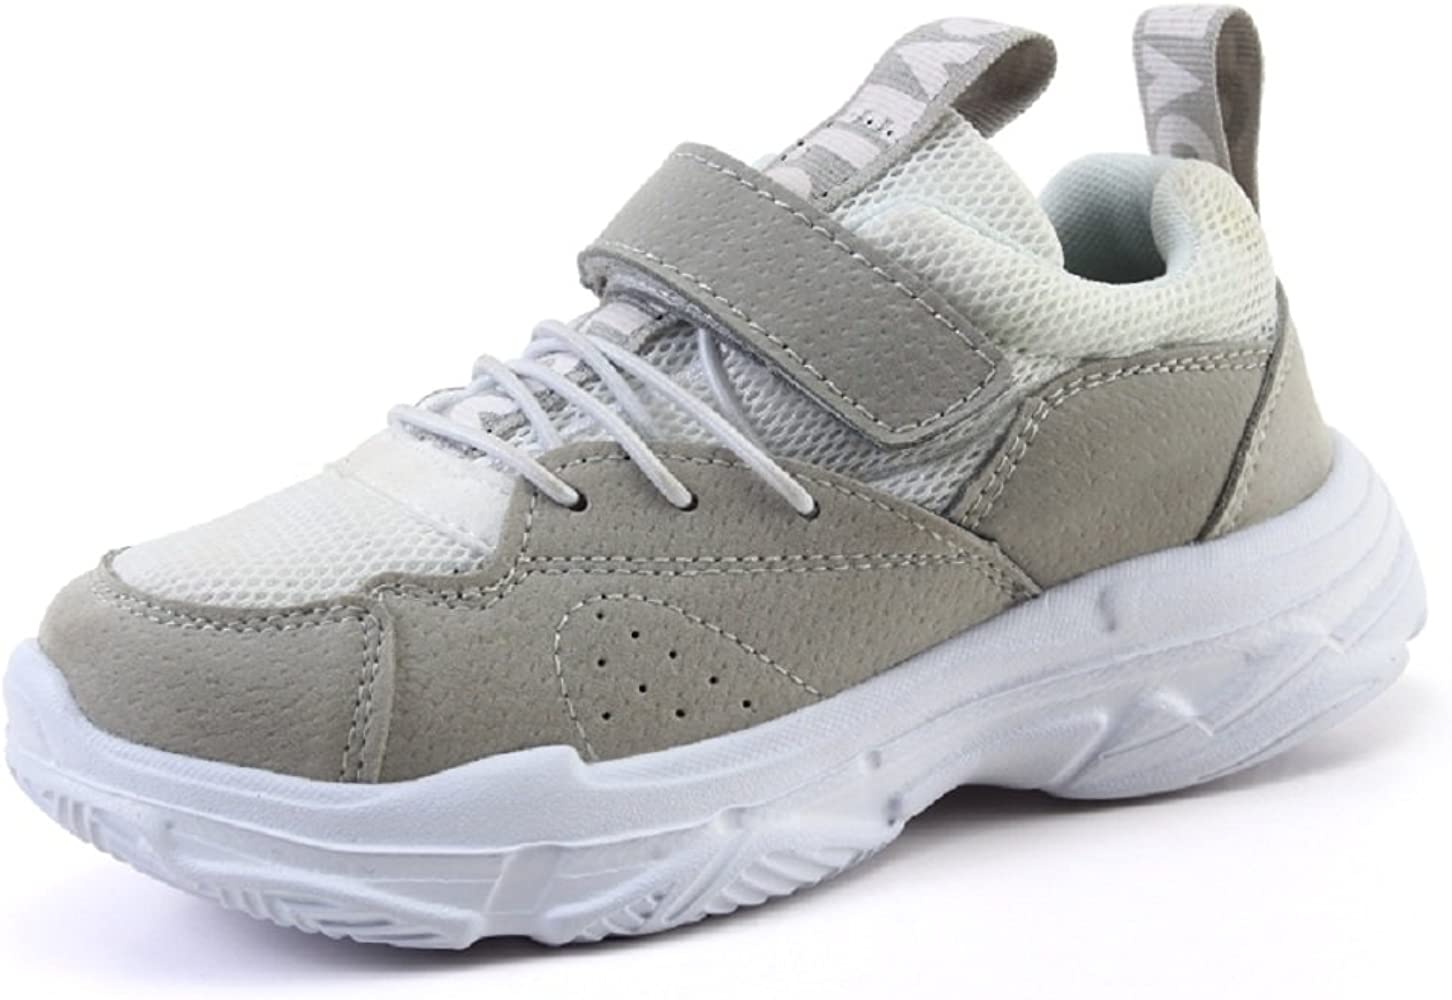 KCHKUI-UK Unisex Zapatos para Correr en Montaña y Asfalto Calzado ...